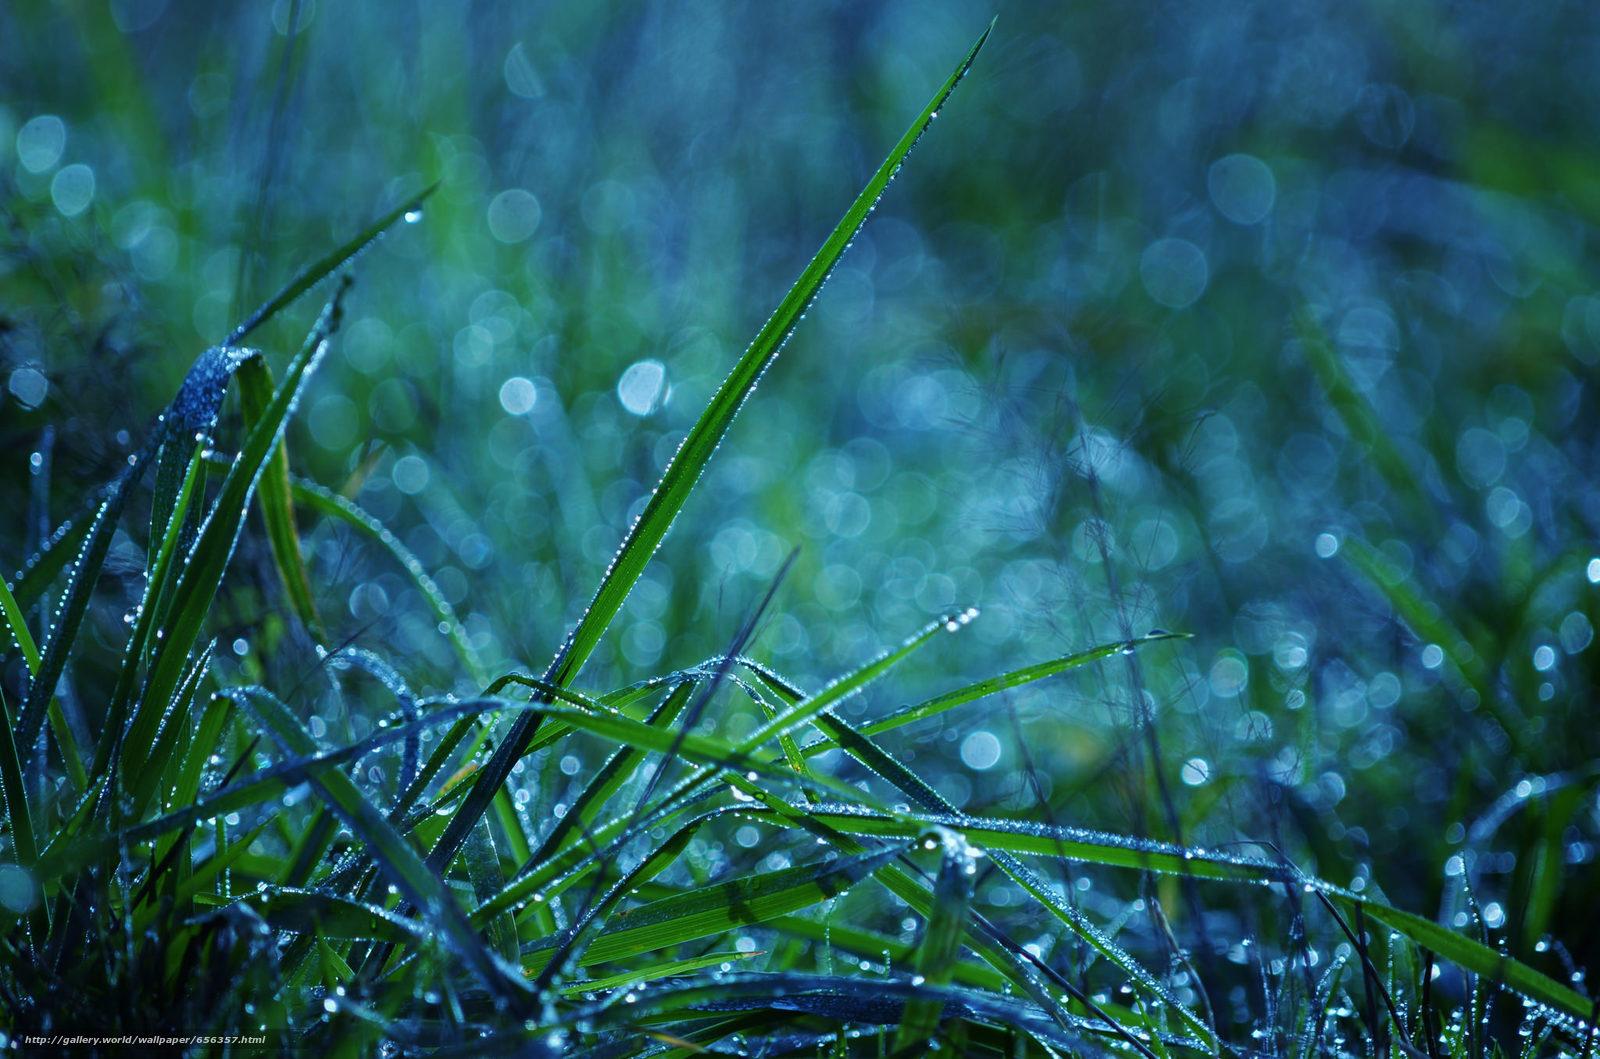 Скачать обои трава,  роса,  макро бесплатно для рабочего стола в разрешении 2048x1356 — картинка №656357